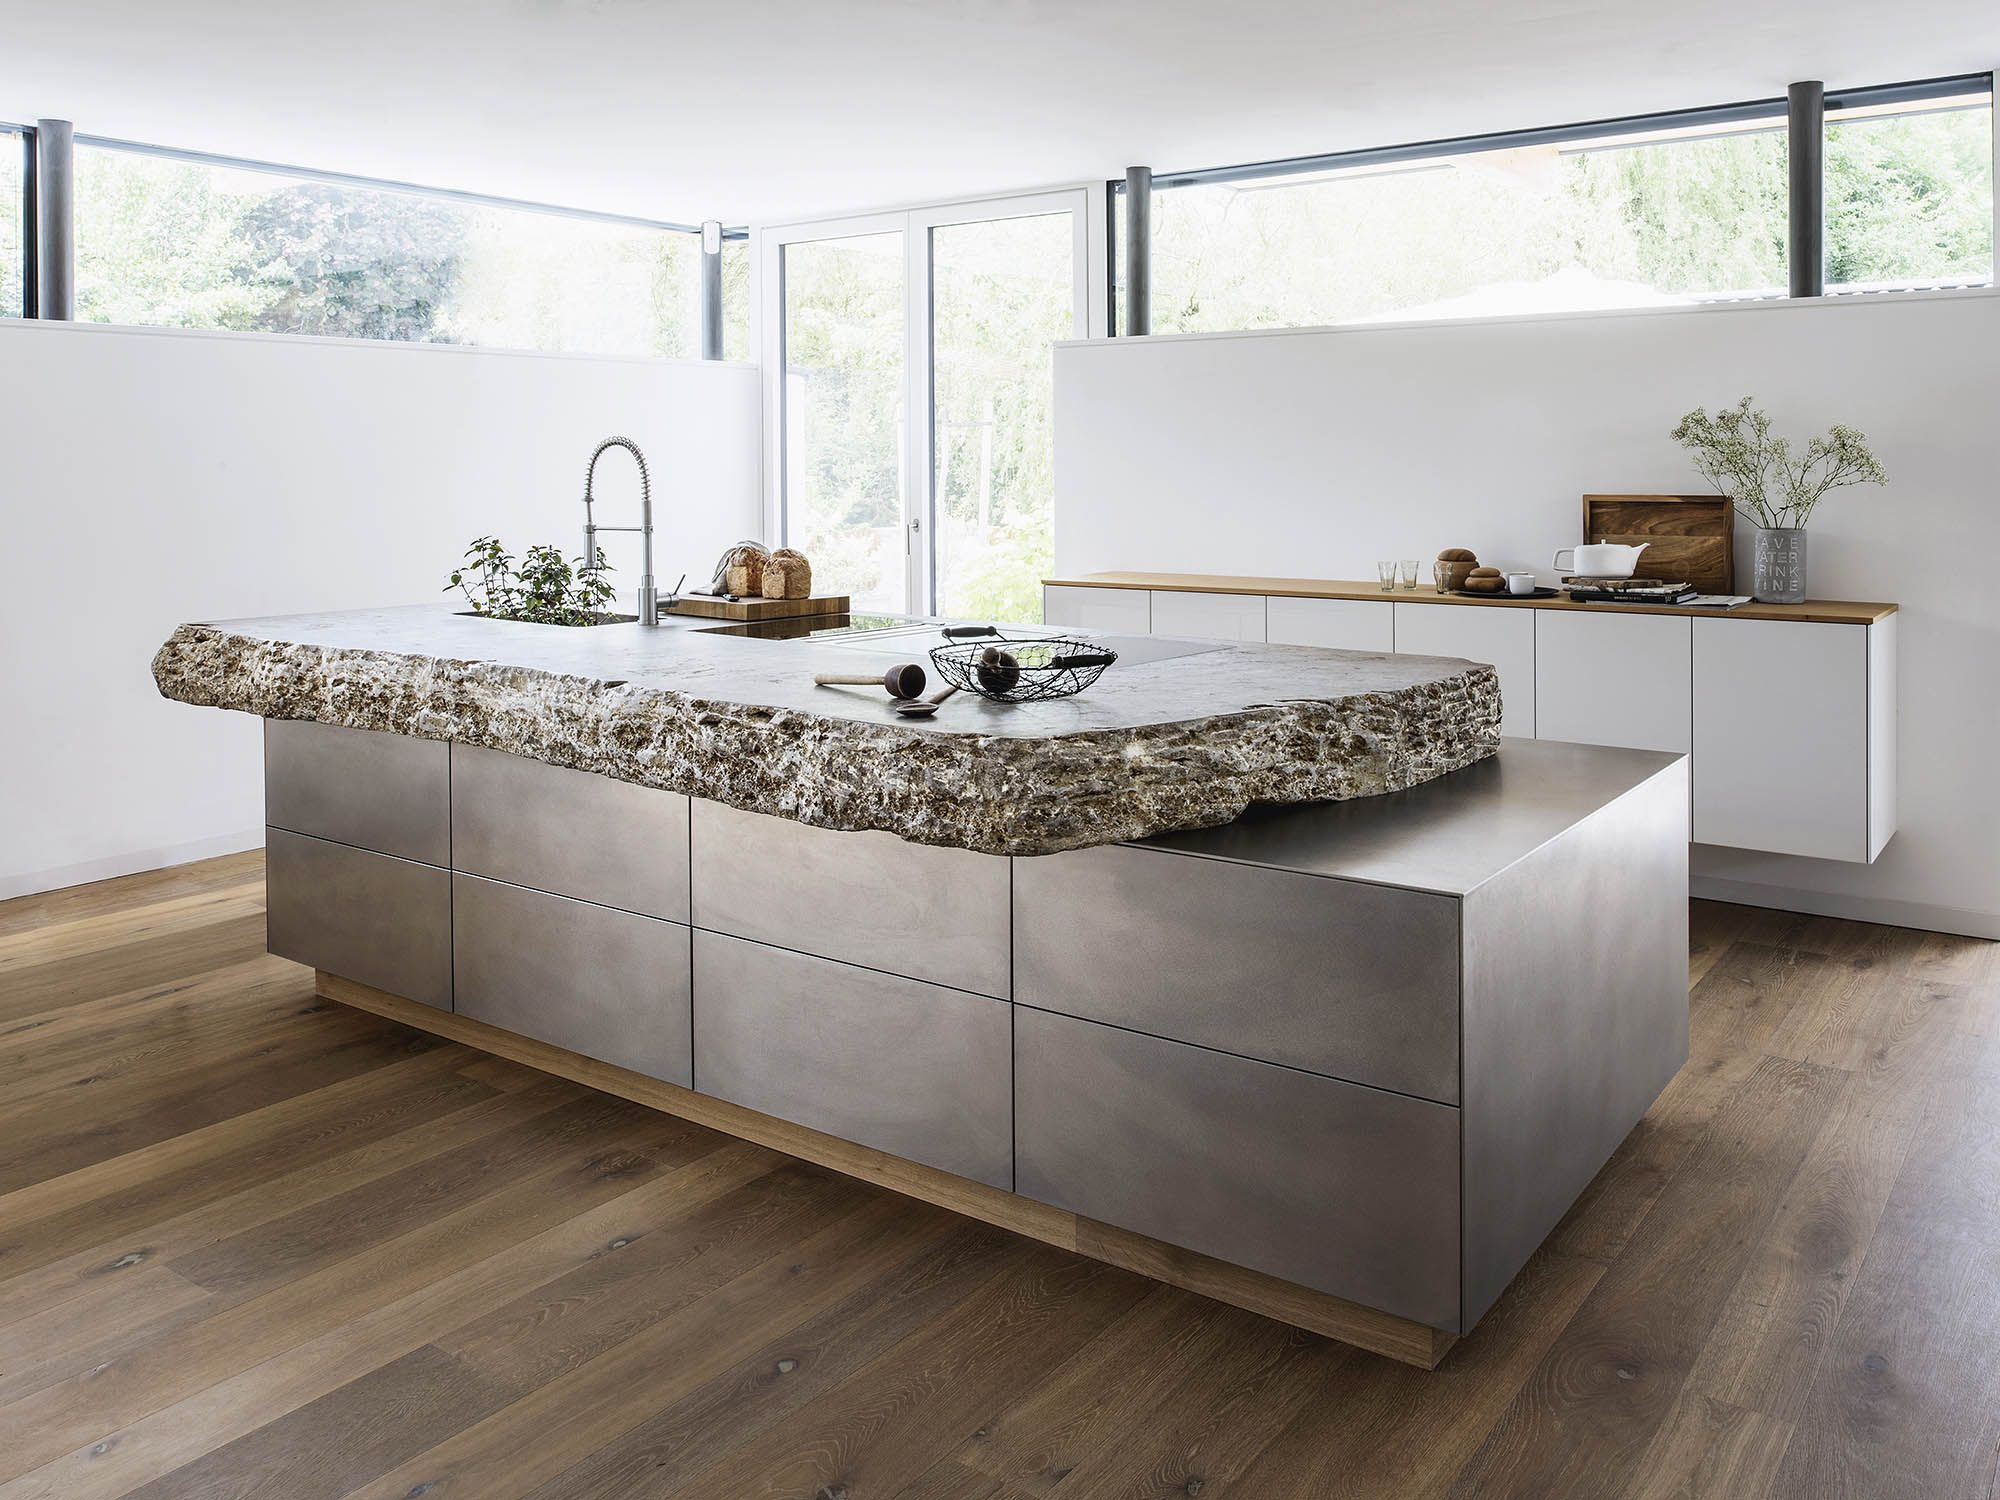 Traumhafte Naturstein Arbeitsplatte In Der Kuche Kuche Dachschrage Kuche Arbeitsplatte Ideen Kuchen Design